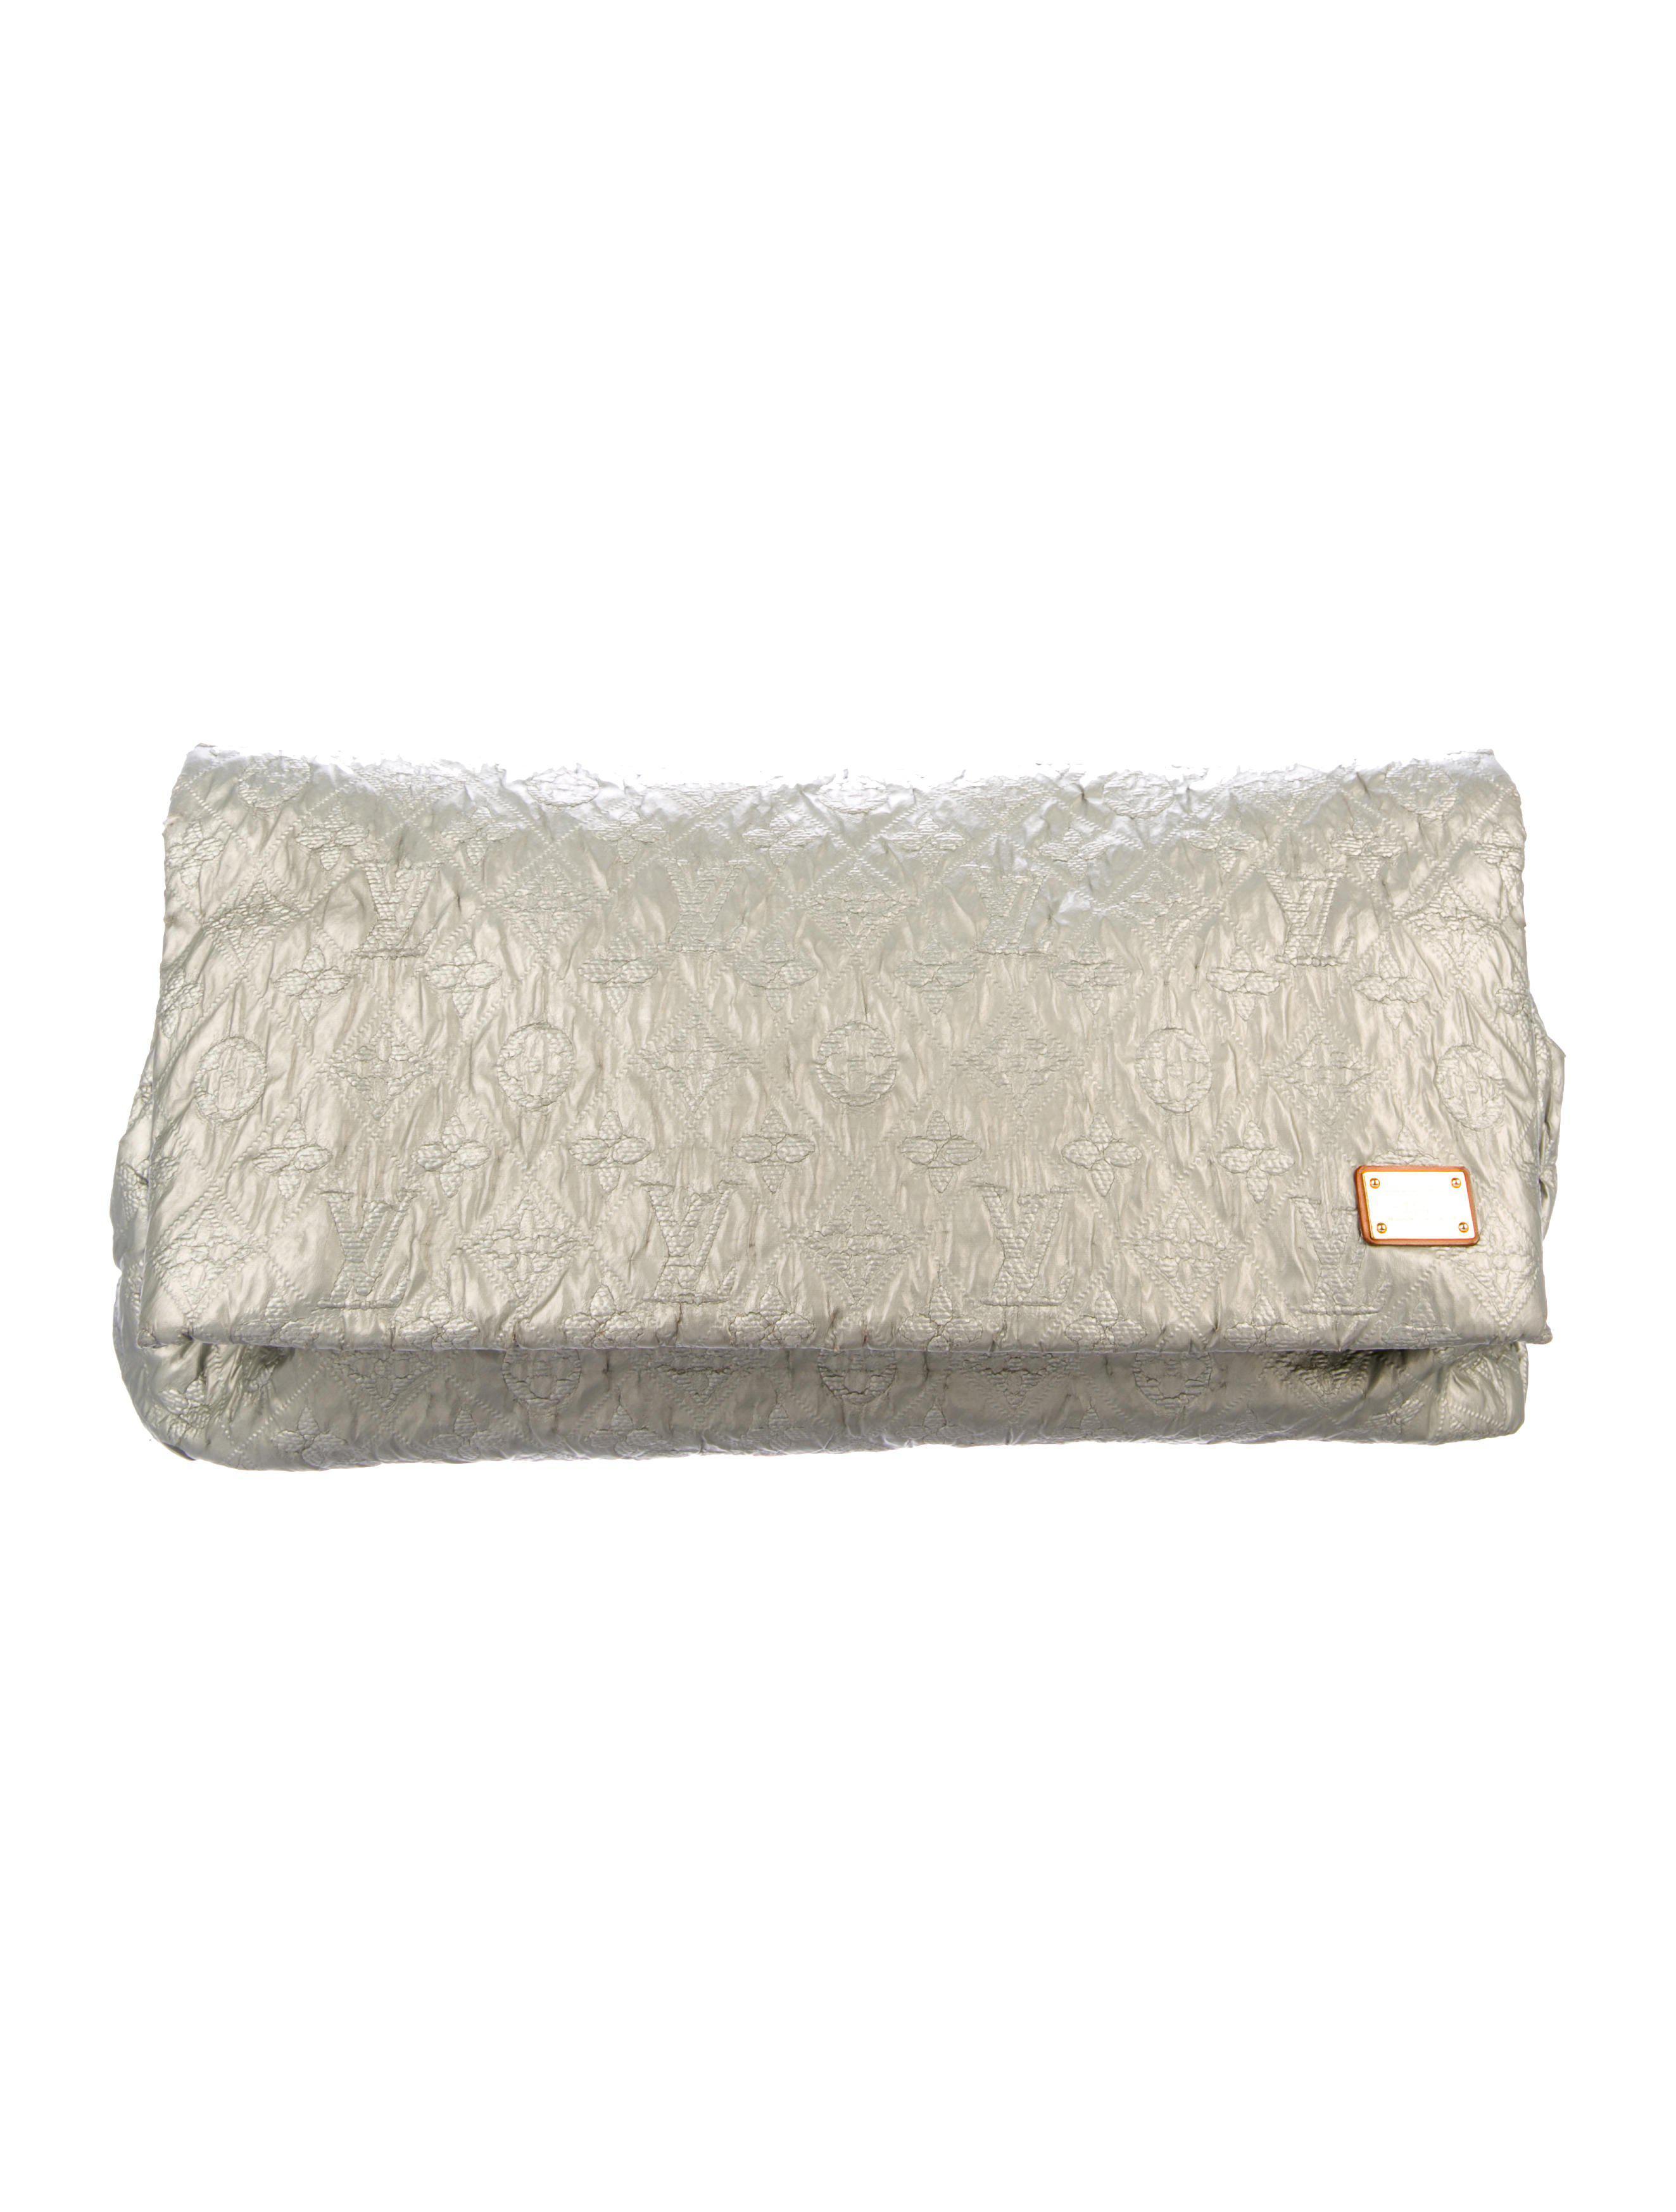 Louis Vuitton. Women's Metallic Limelight Gm ...